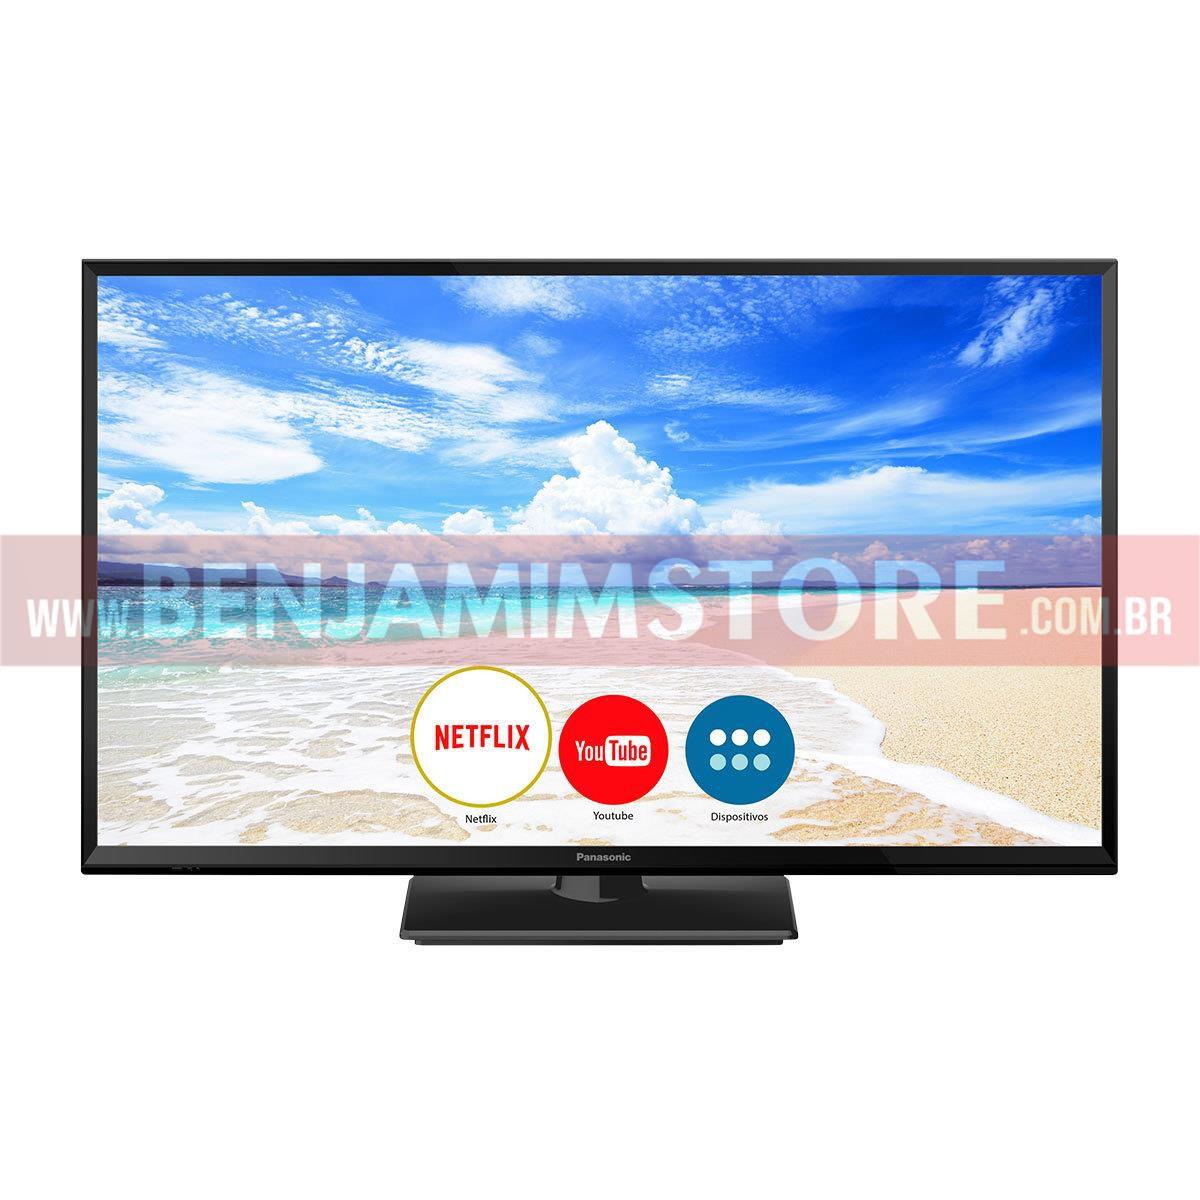 Smart TV LED 32 Panasonic TC-32FS600B HD, Wi-Fi, 1 USB, 2 HDMI, Bluetooth